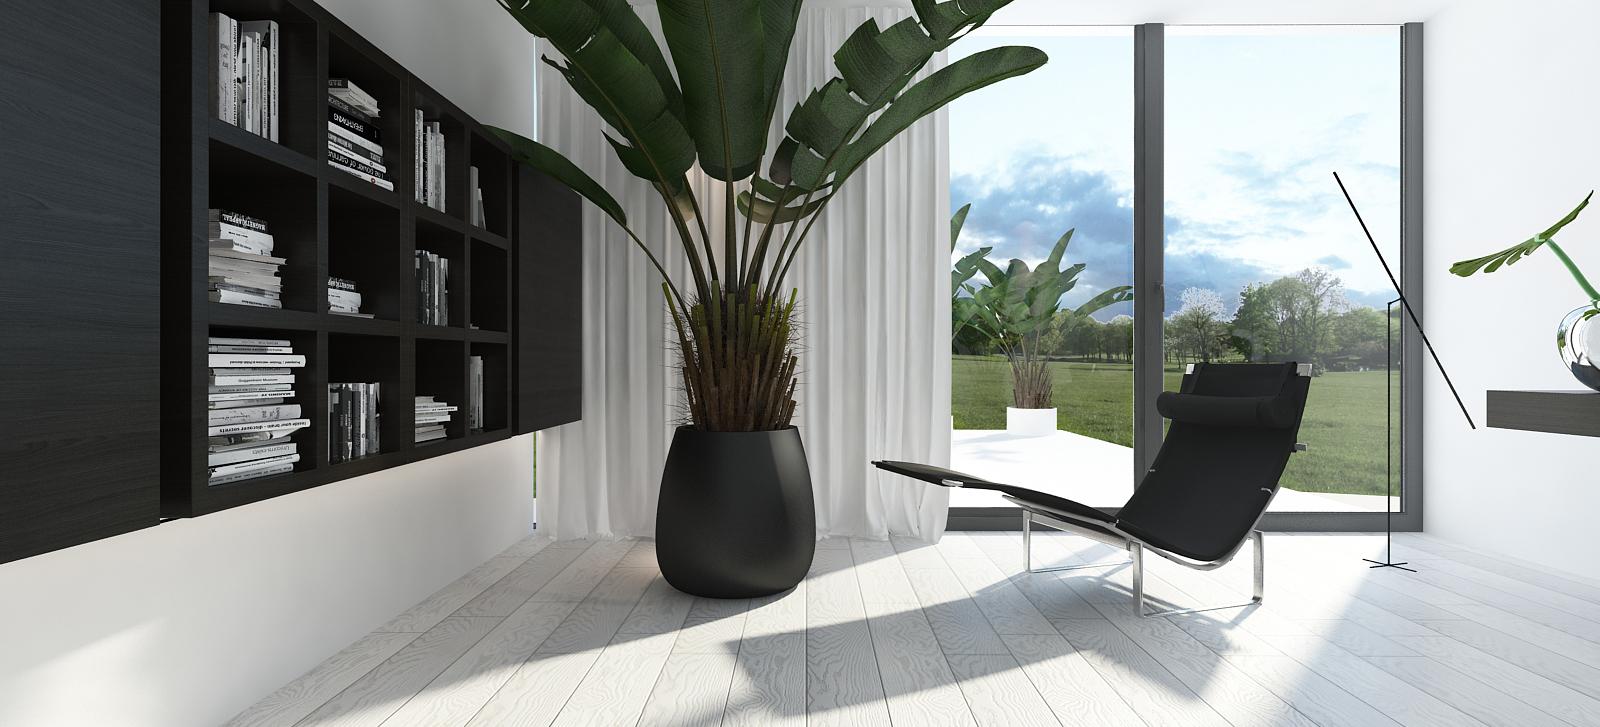 019 mono architekt wnętrz śląsk katowice gliwice nowoczesny pokój gabinet minimalistyczny